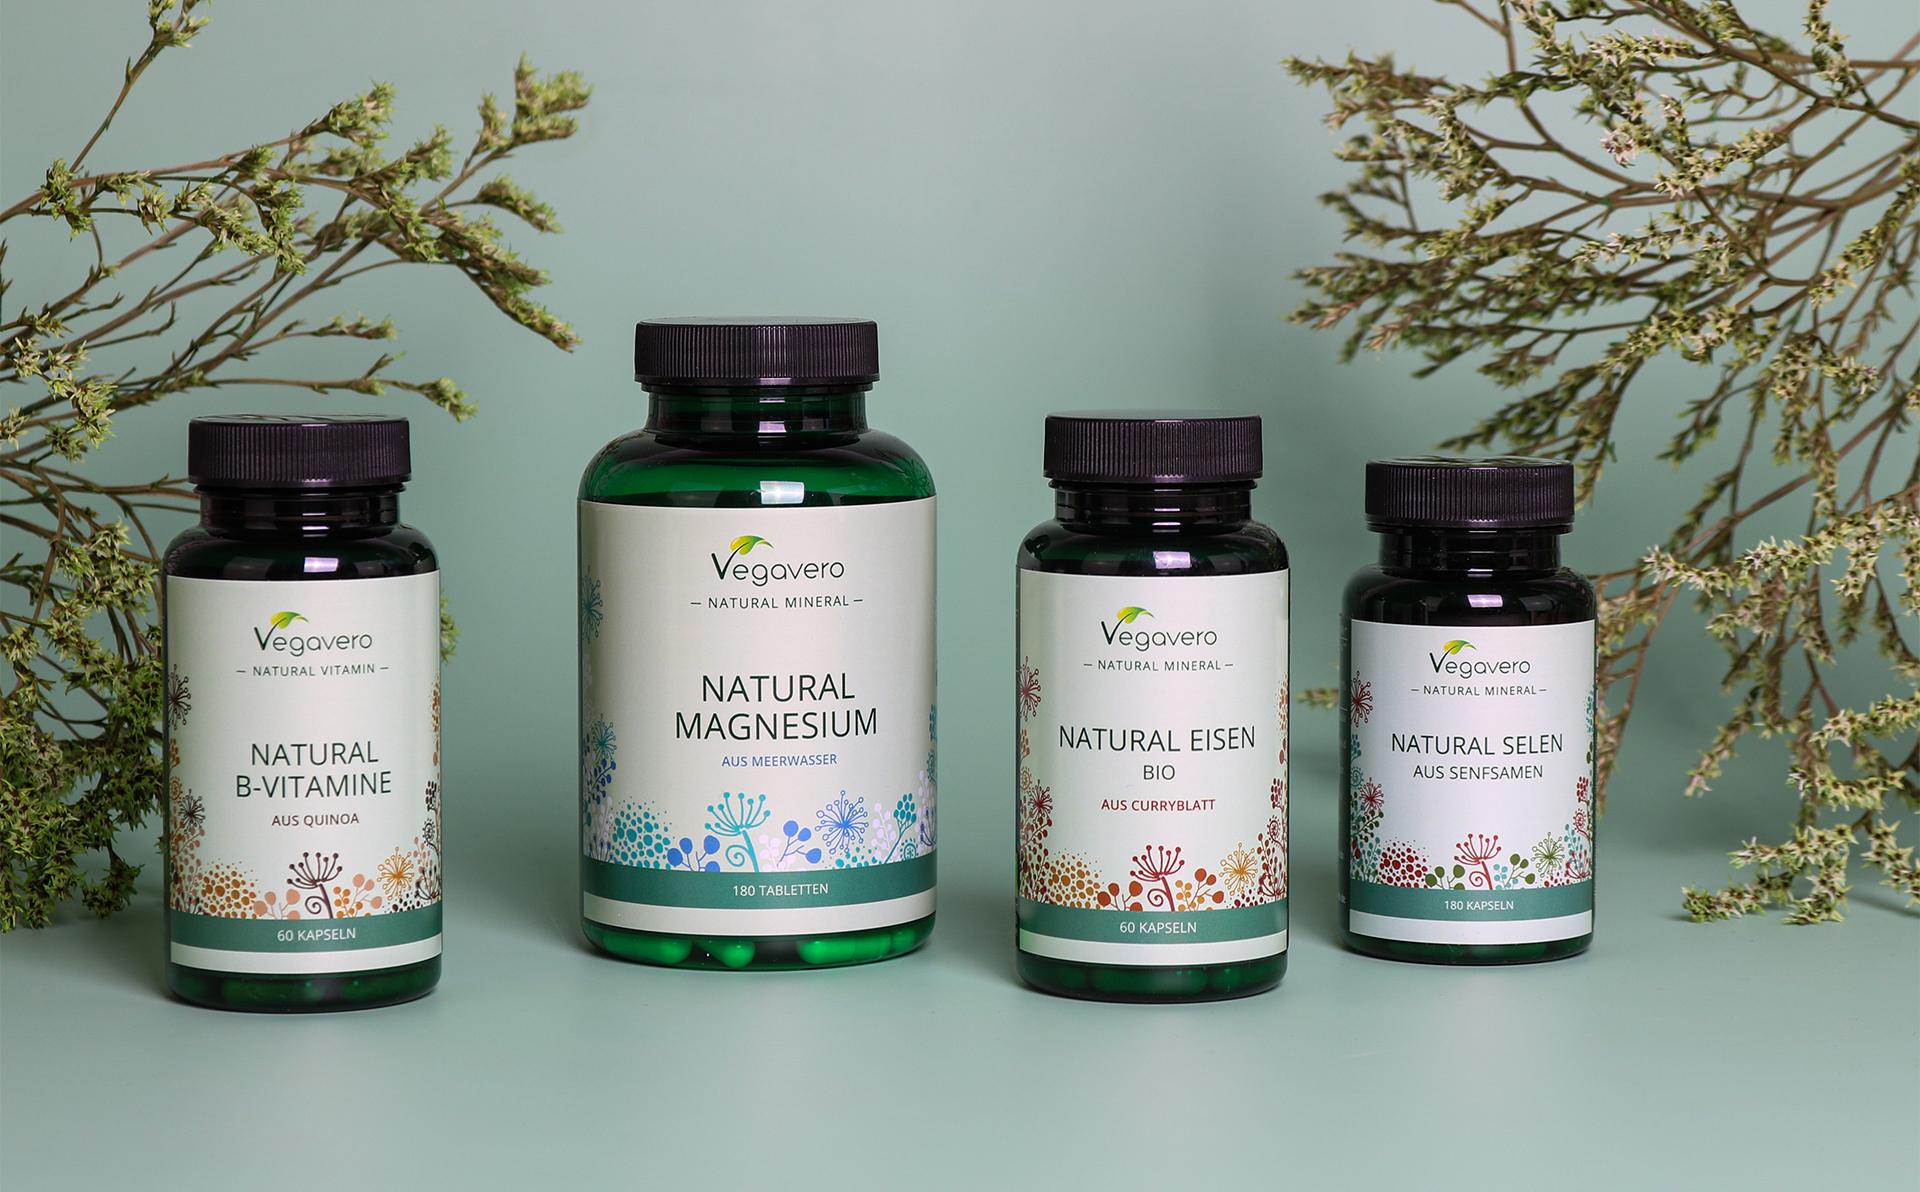 Notre nouvelle ligne Vegavero Natural : des vitamines et des minéraux issus de la nature !